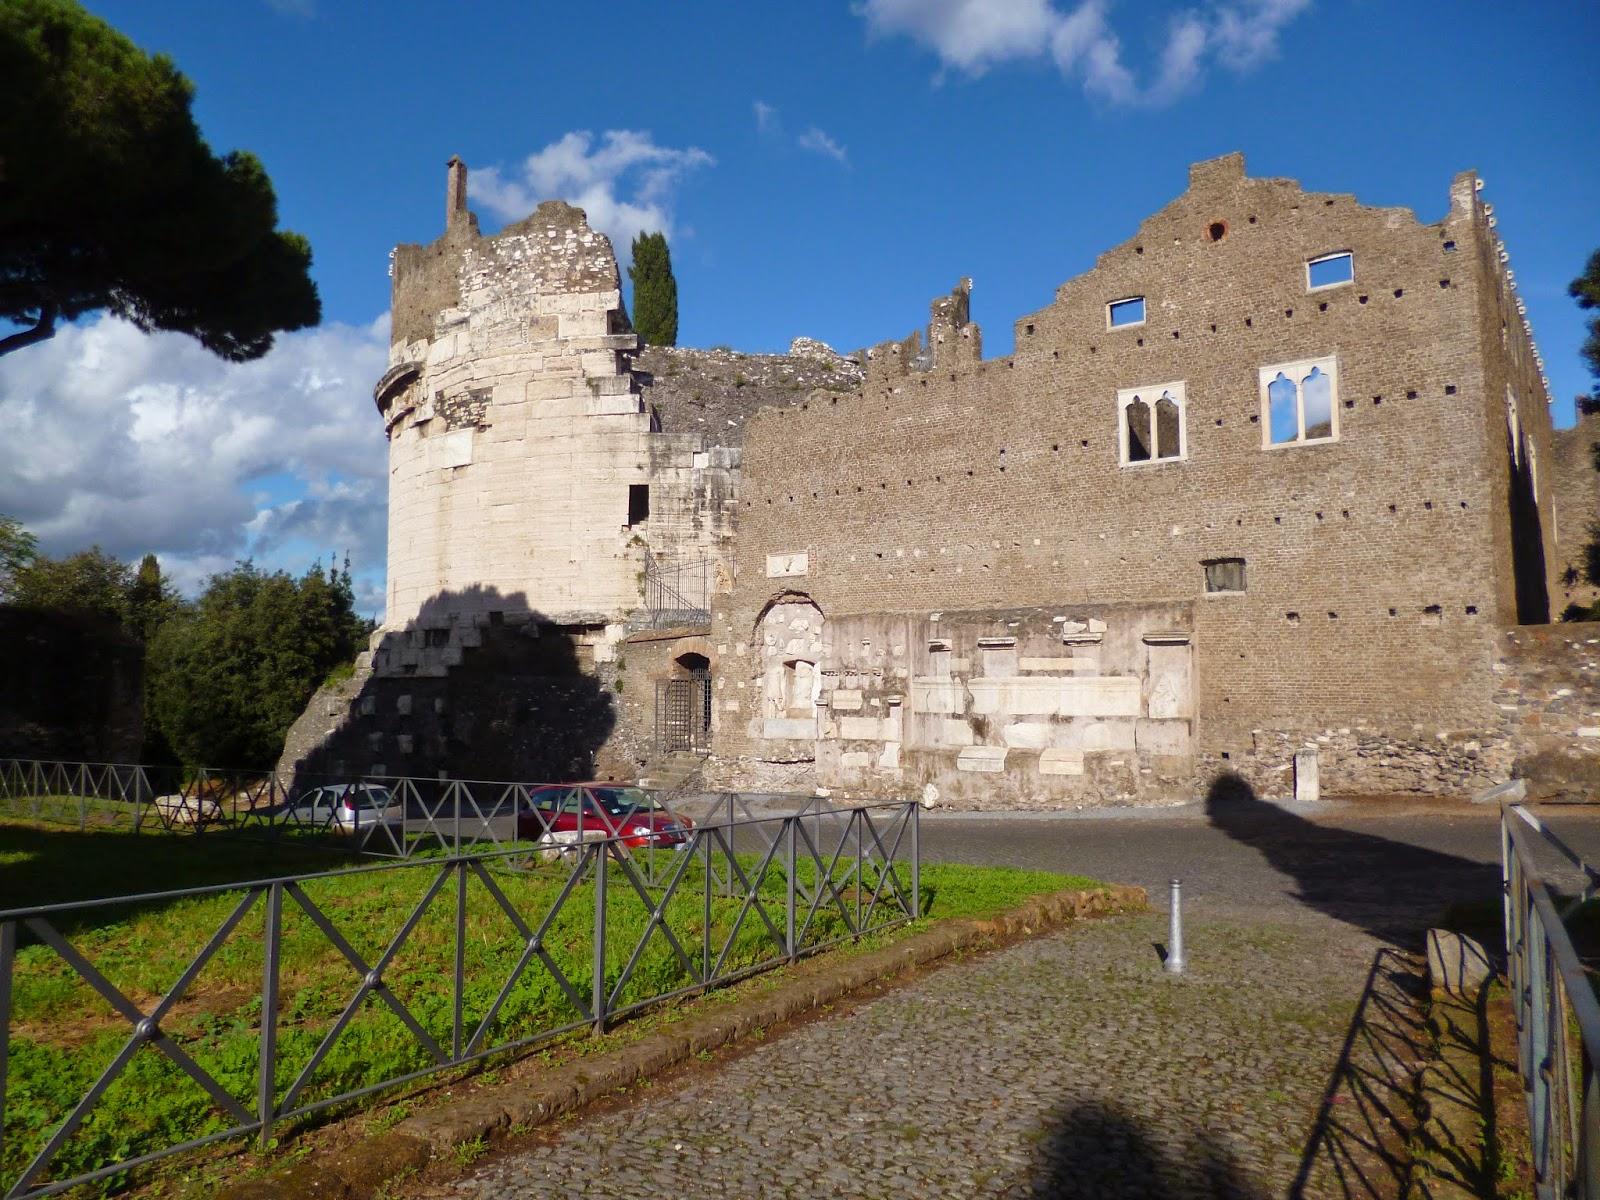 P1020681 - Villa dei Quintili